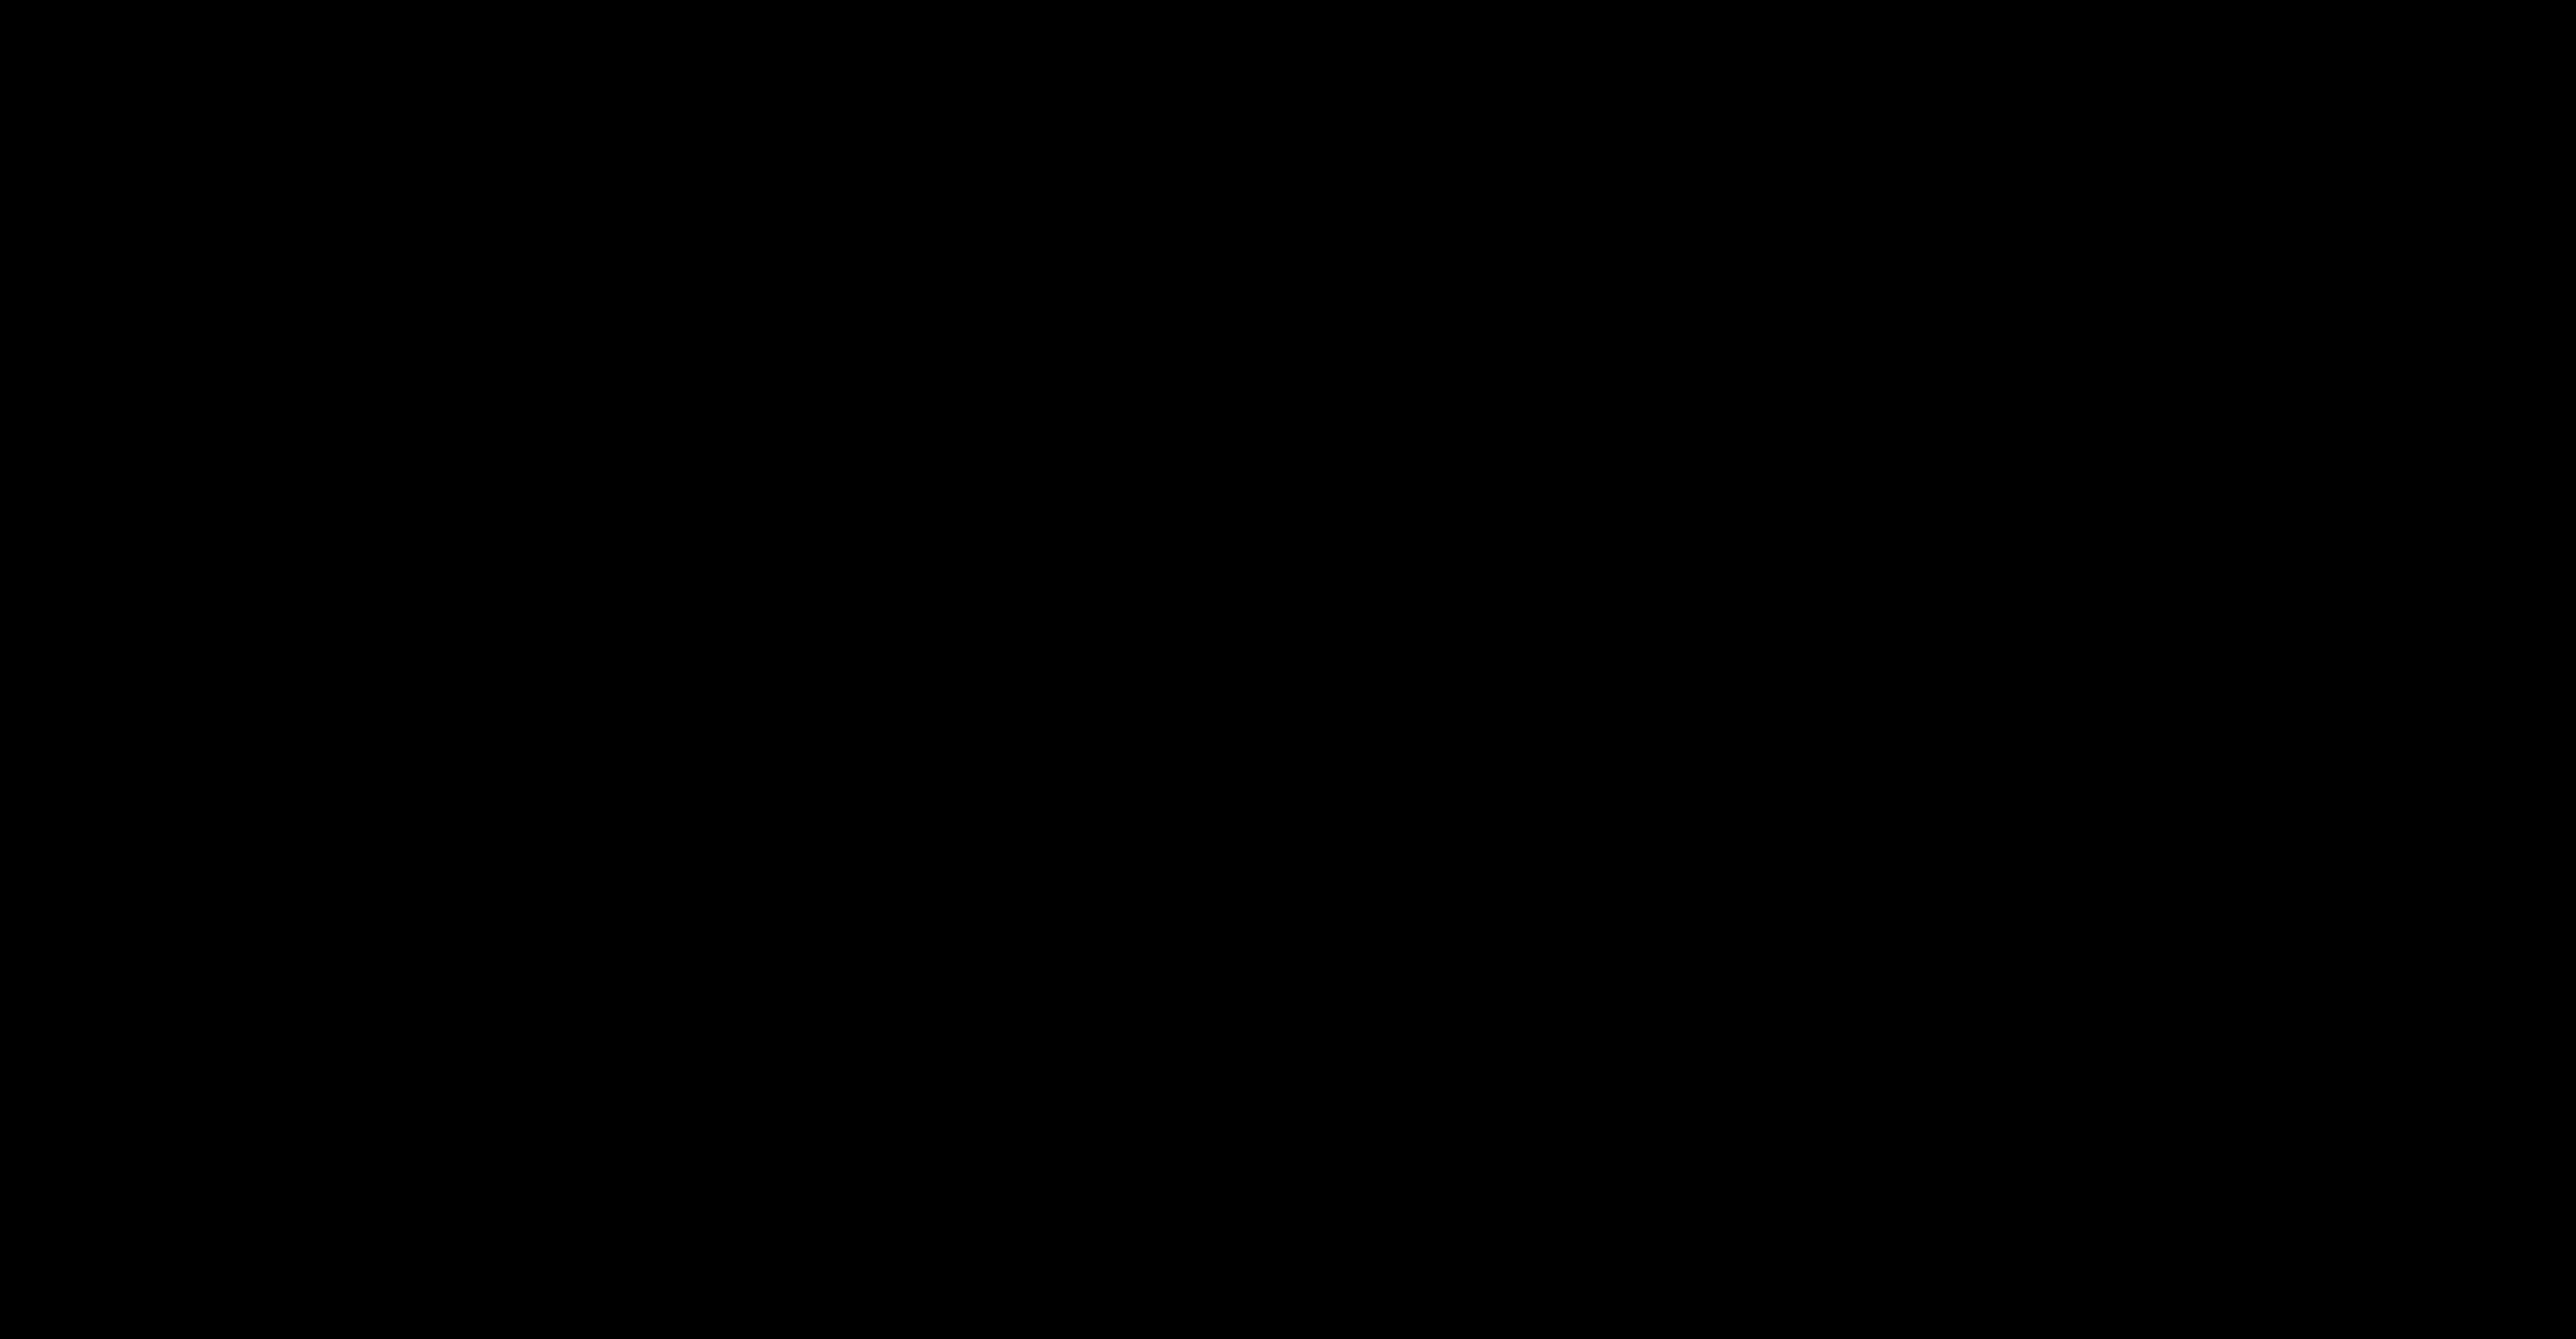 AIC_Logo_(1).jpg